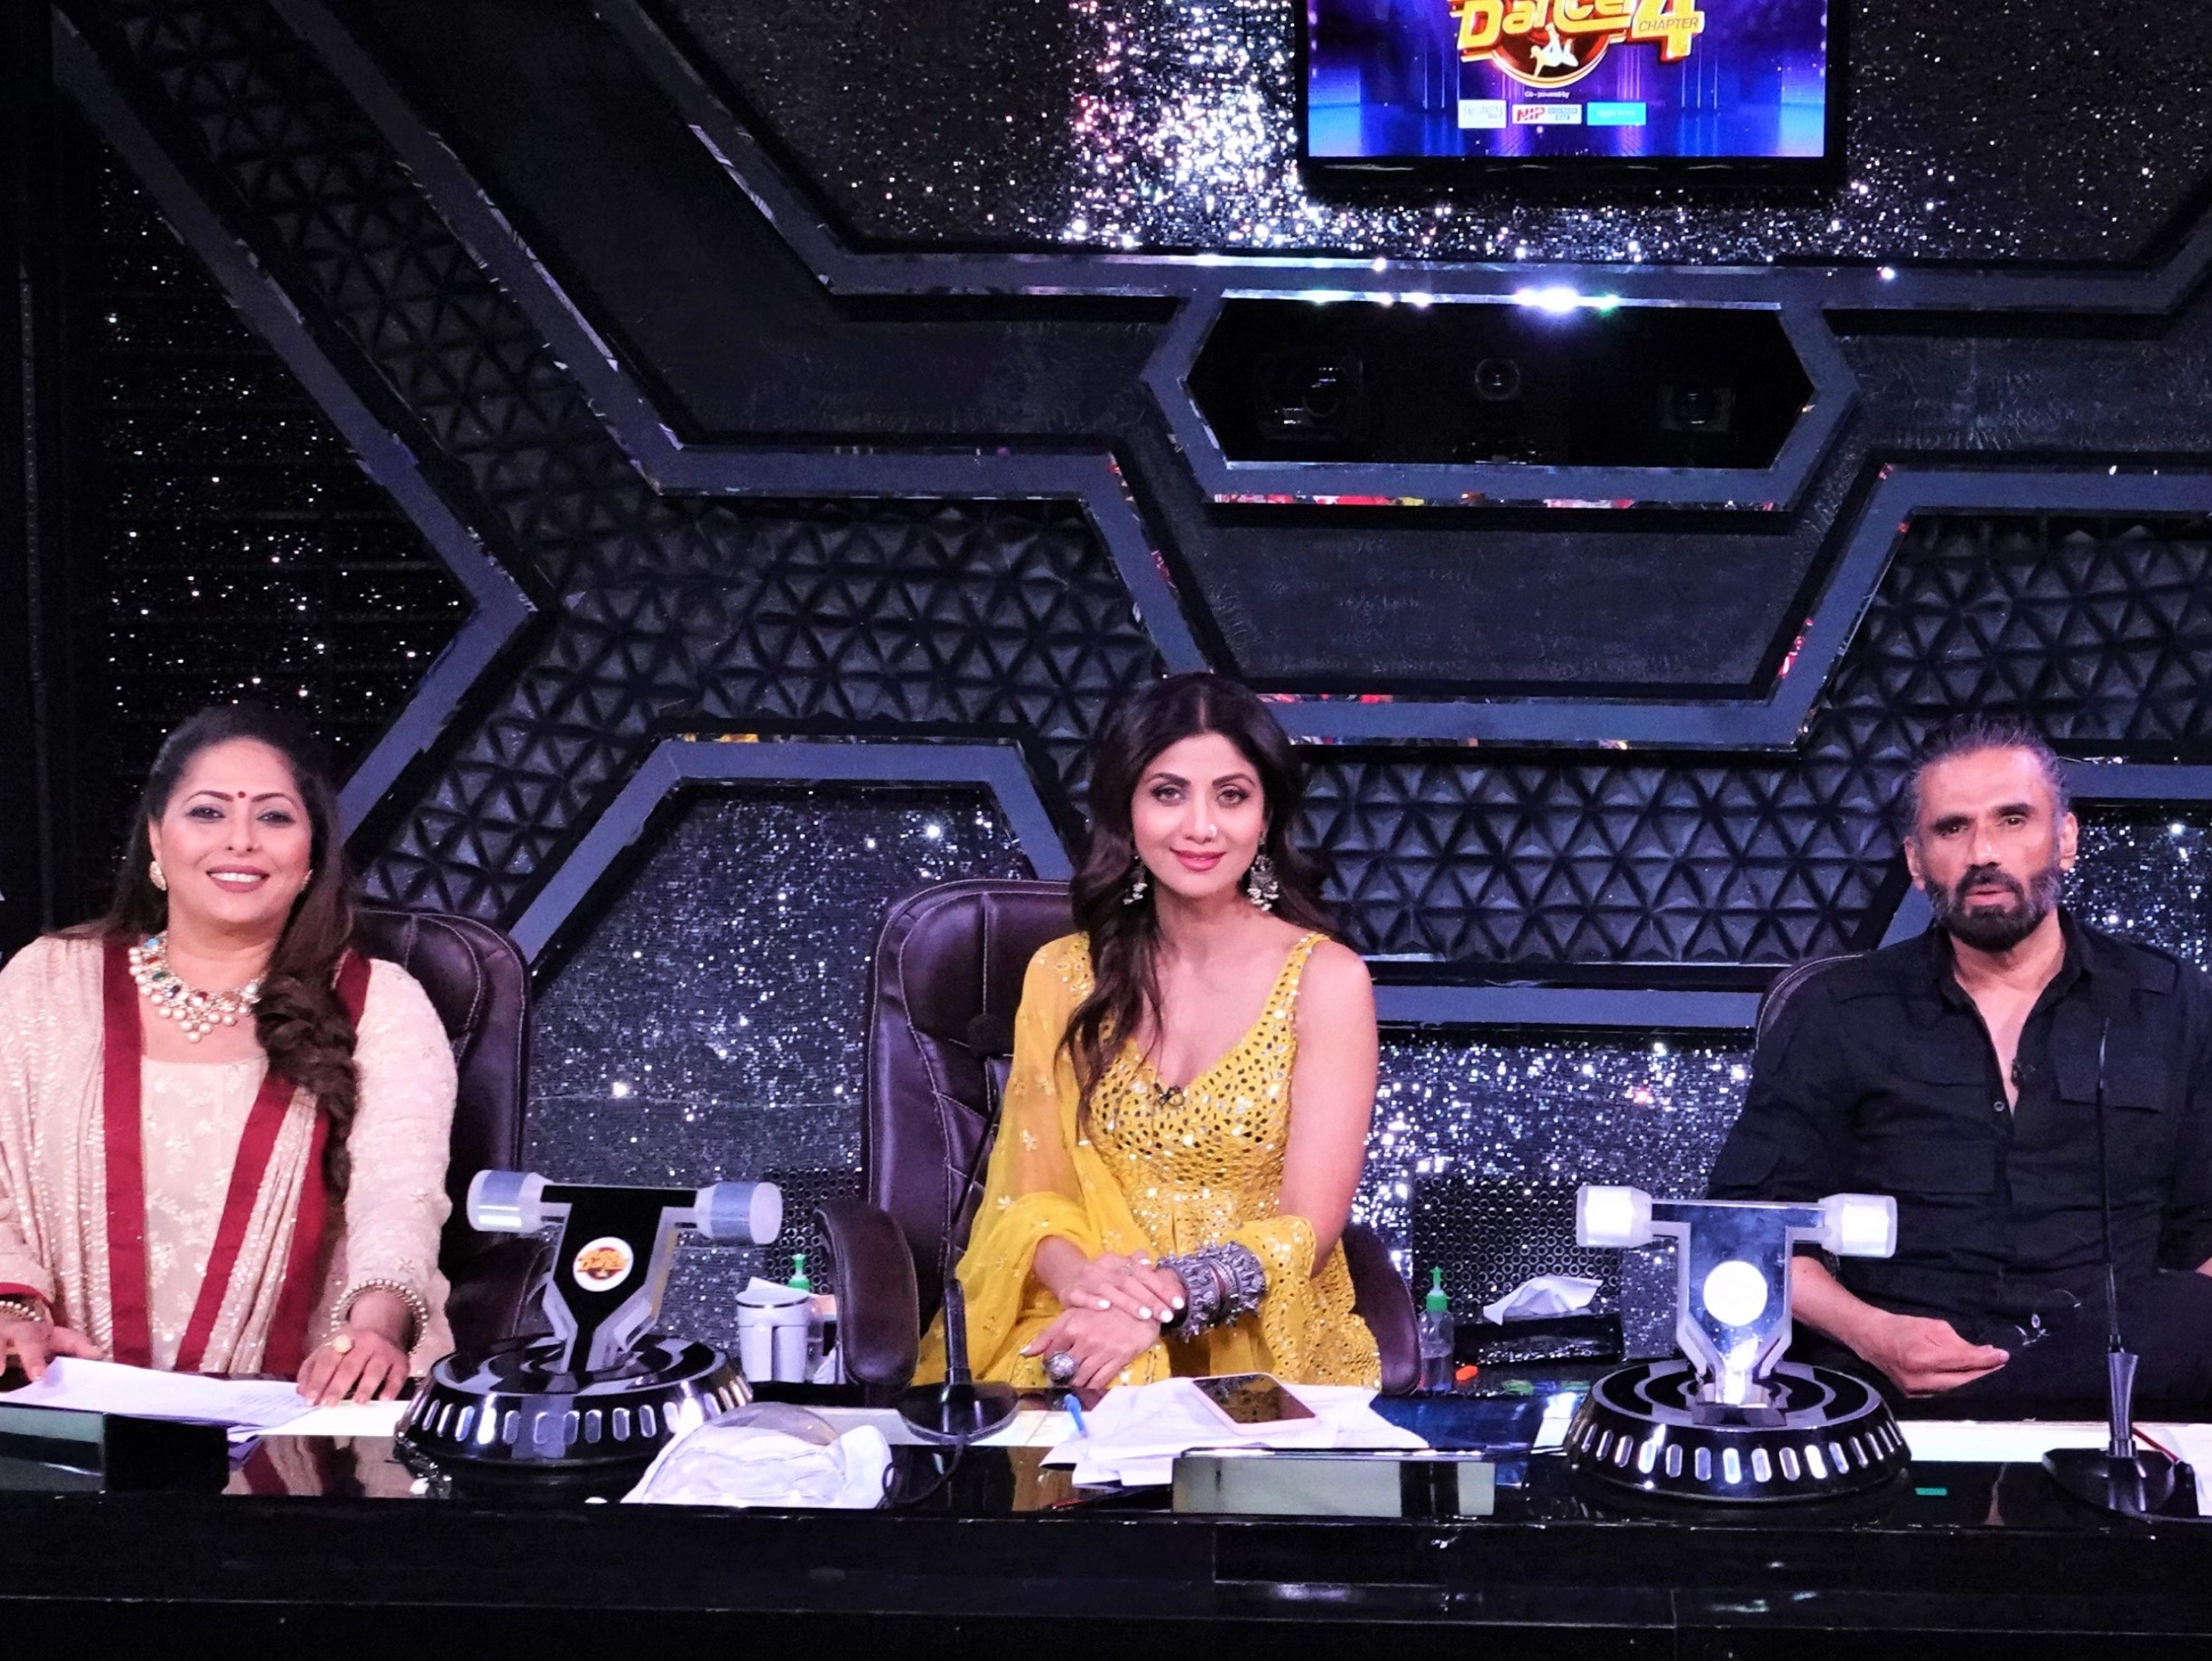 फैमिली के कोराेना से रिकवर होते ही शिल्पा शेट्टी की हुई 'सुपर डांसर-चैप्टर 4' के सेट पर वापसी|टीवी,TV - Dainik Bhaskar